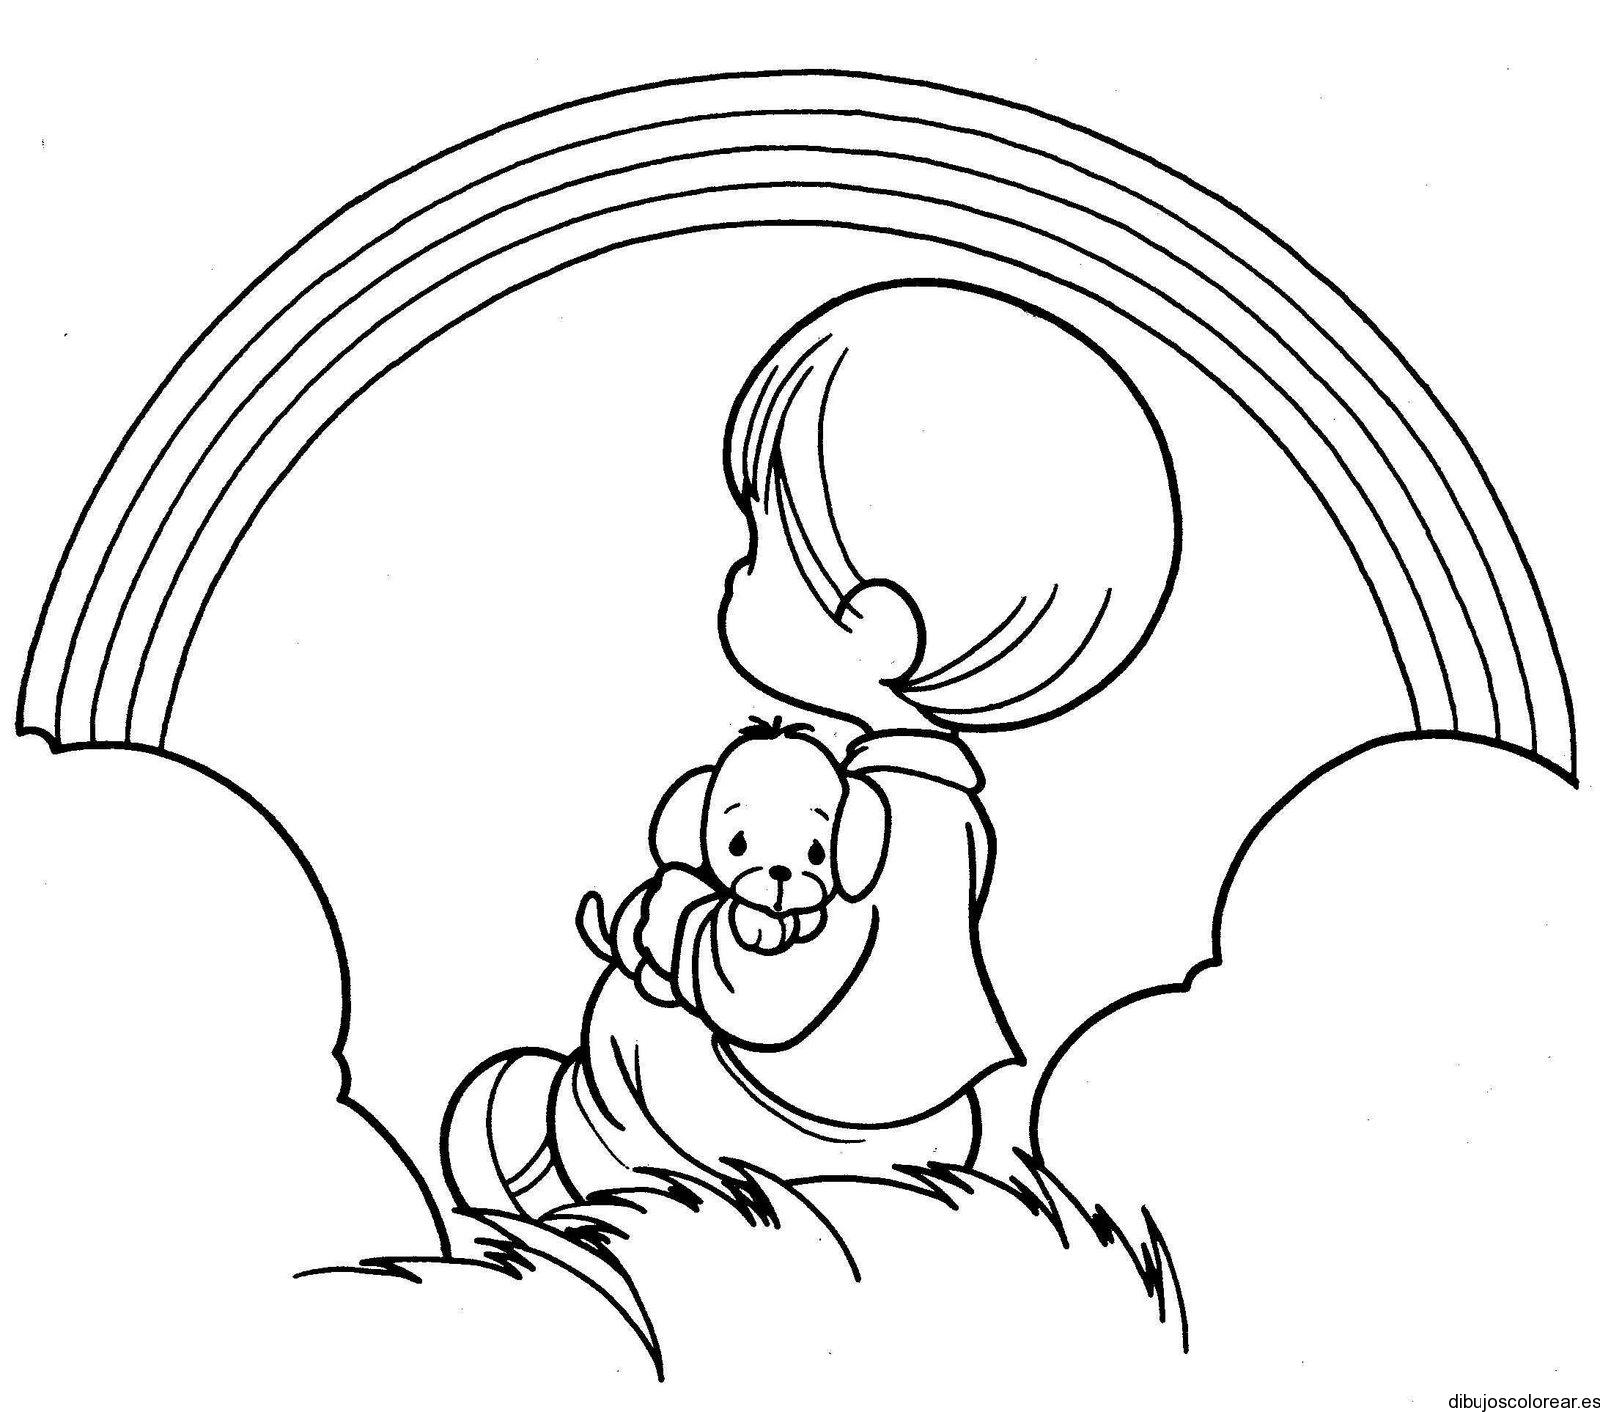 Dibujo De Un Niño Que Ve El Arcoiris